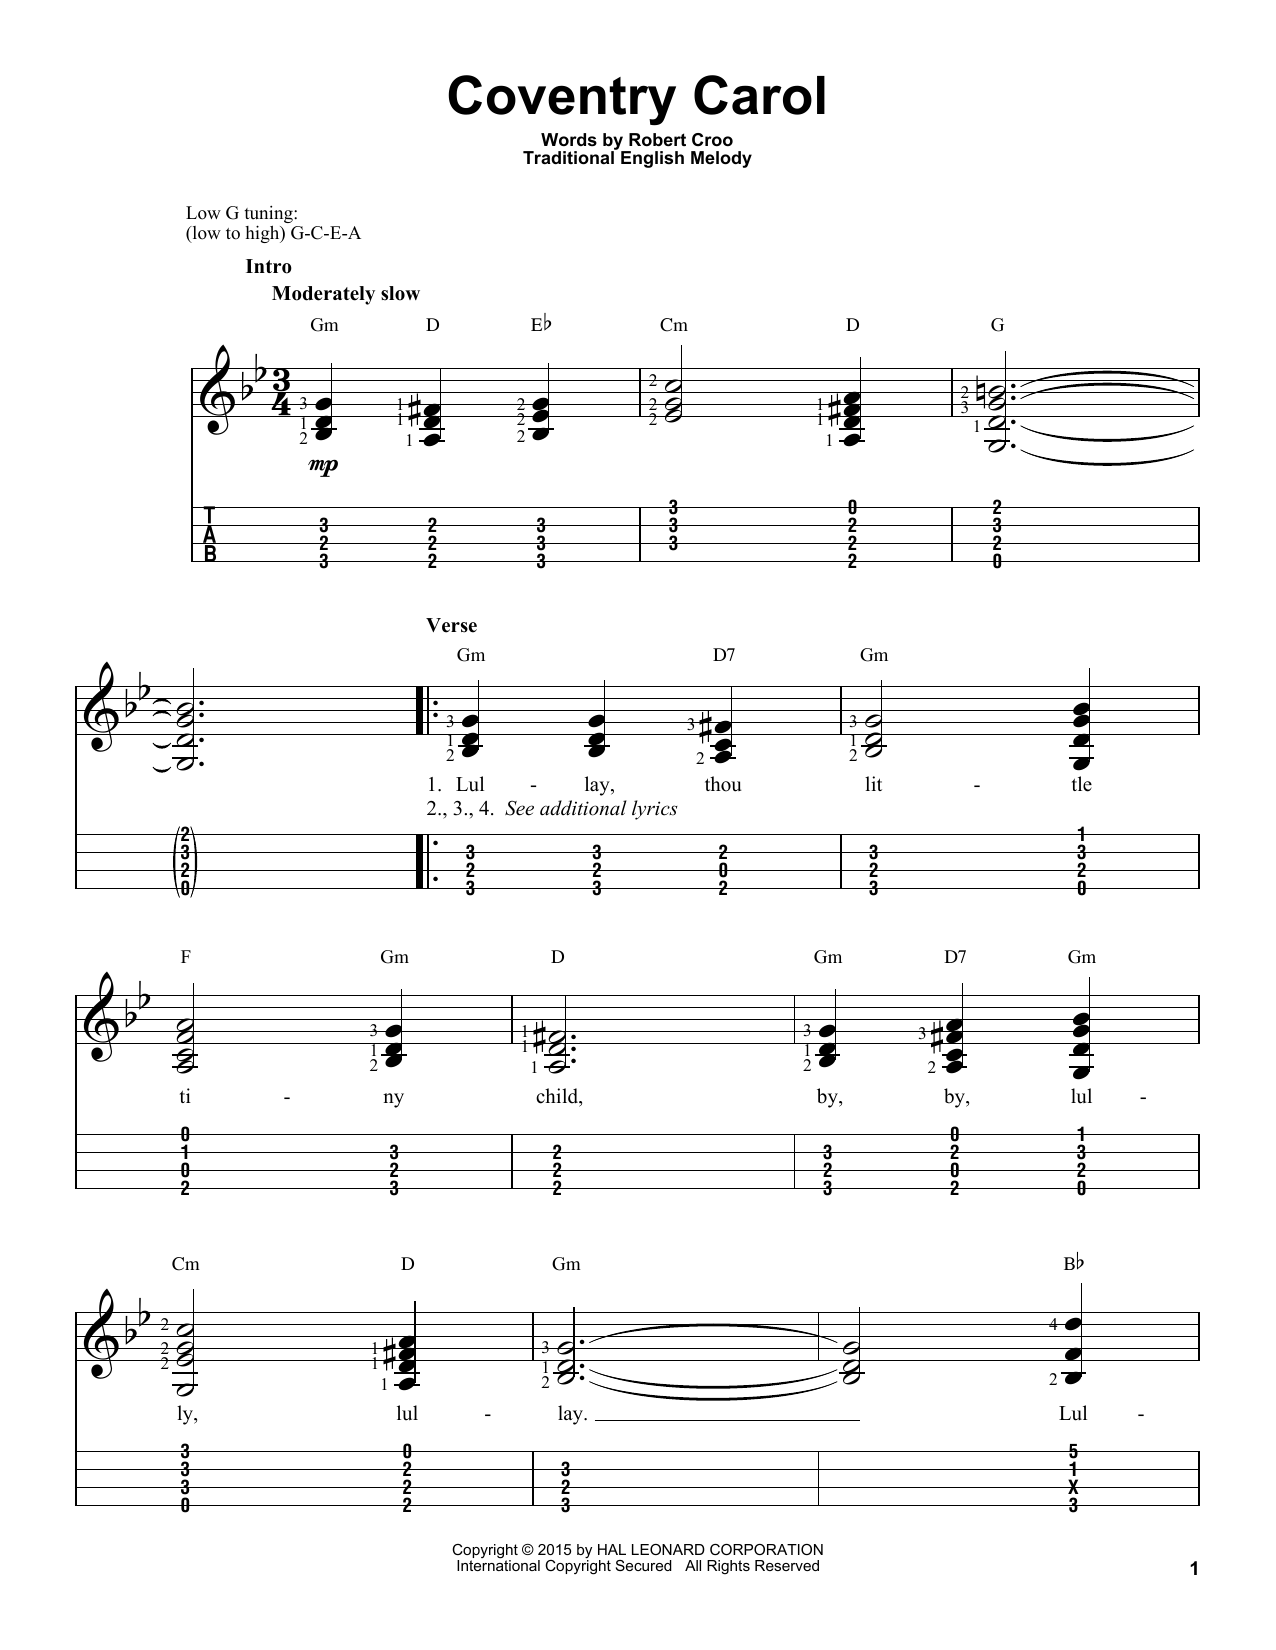 Tablature guitare Coventry Carol (Arr. Robert Croo) de Traditional - Ukulele